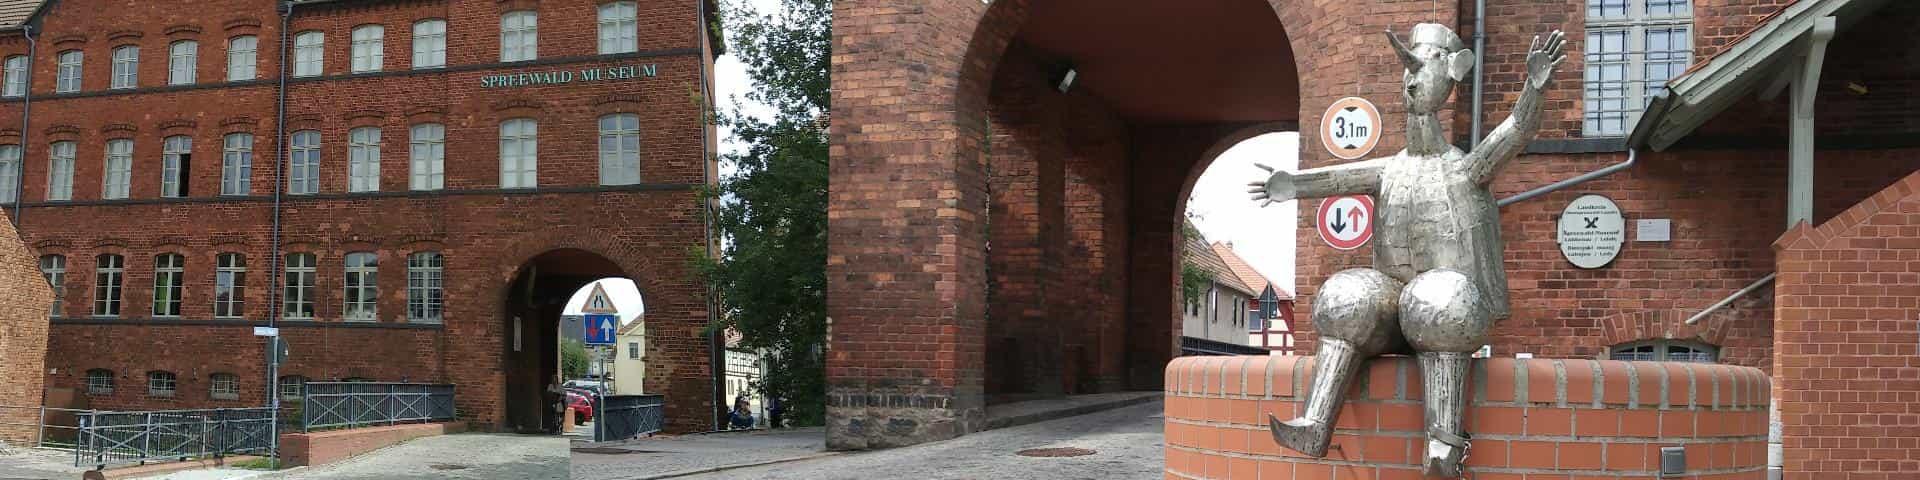 Spreewald-Museum Luebbenau